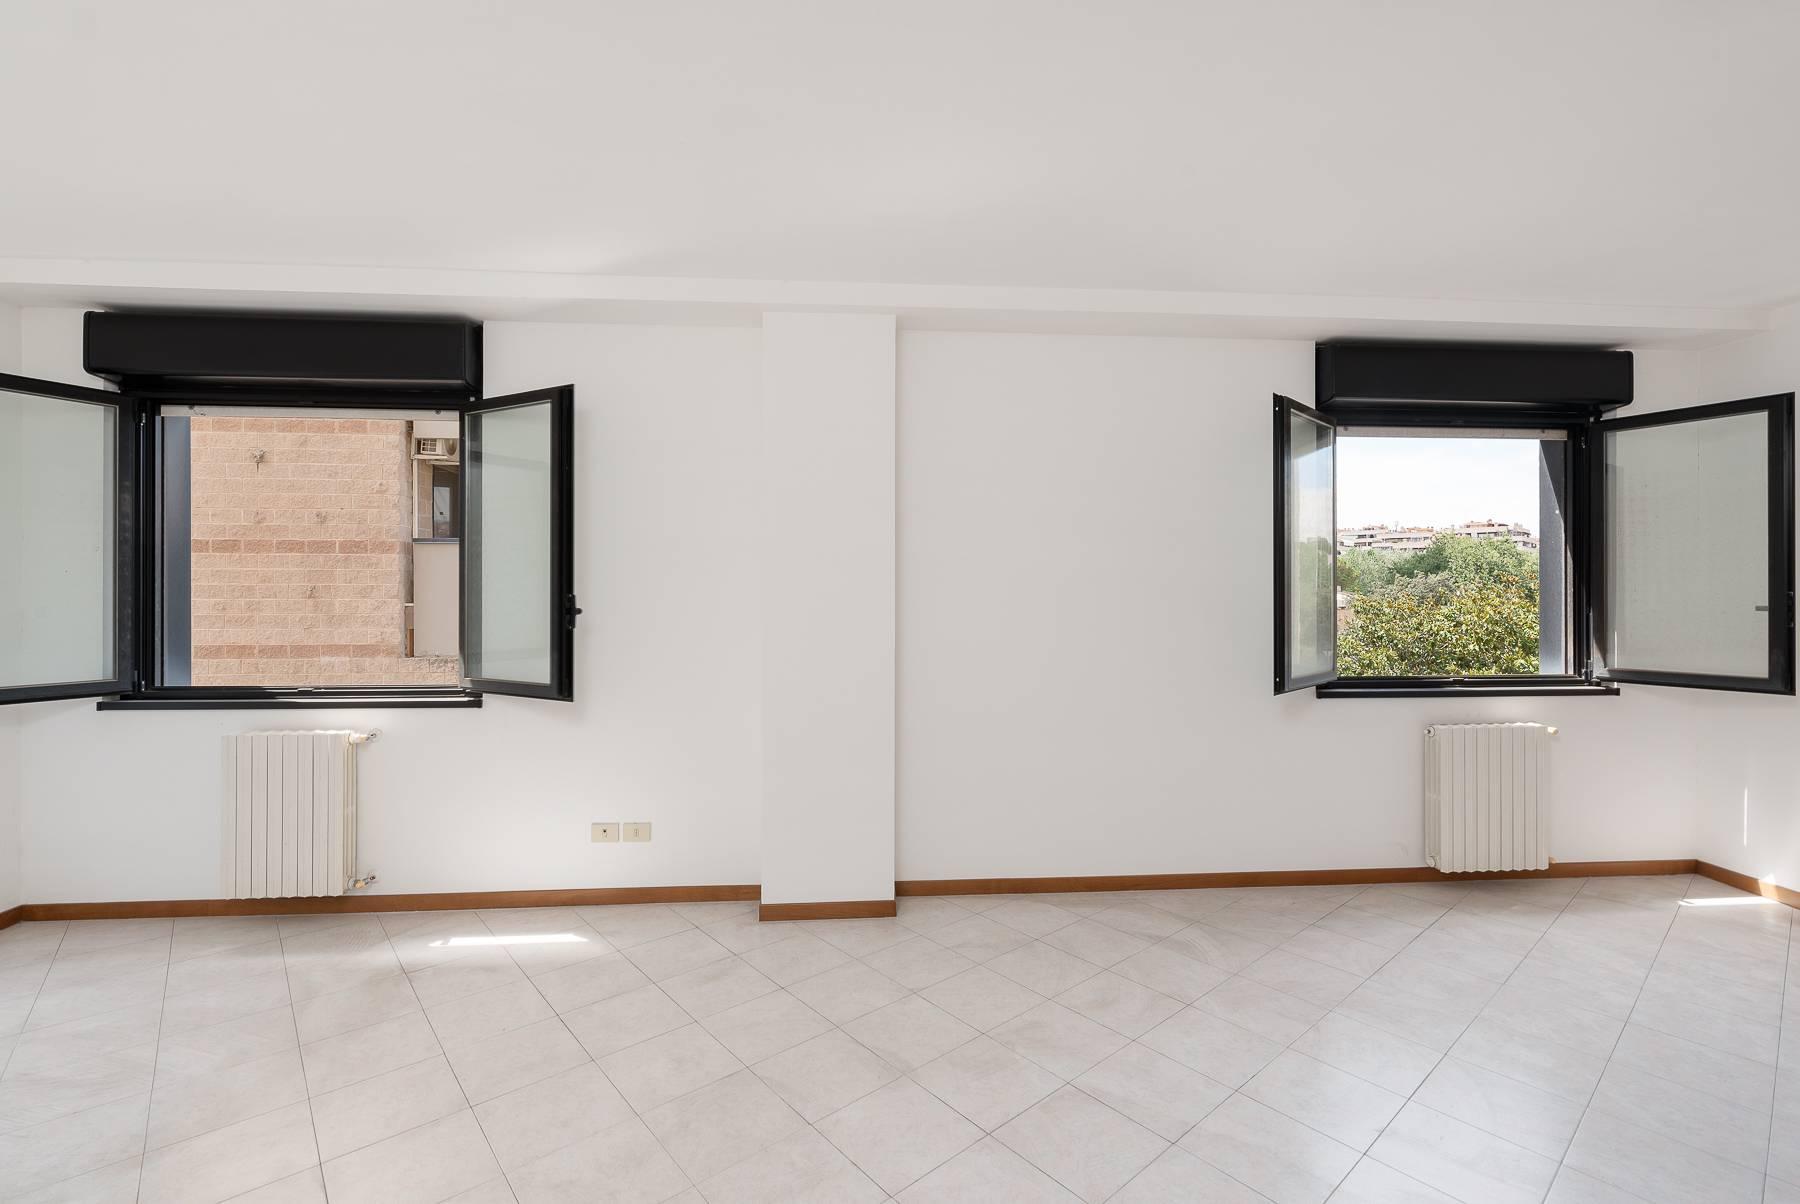 Appartamento in Vendita a Roma: 3 locali, 101 mq - Foto 4